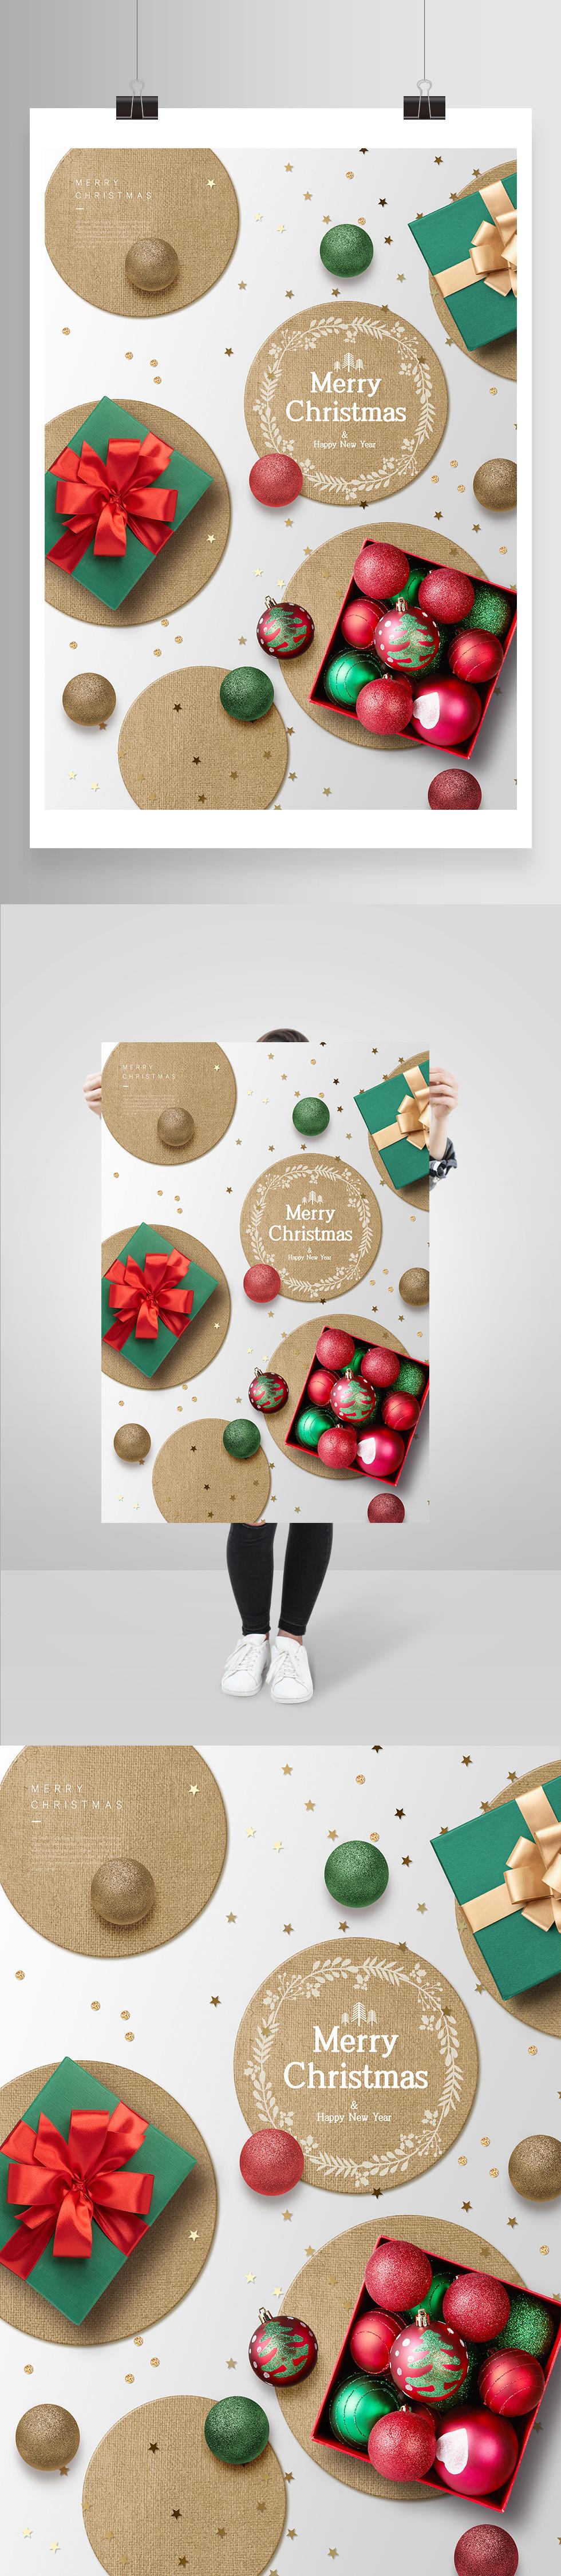 2020圣诞节海报素材